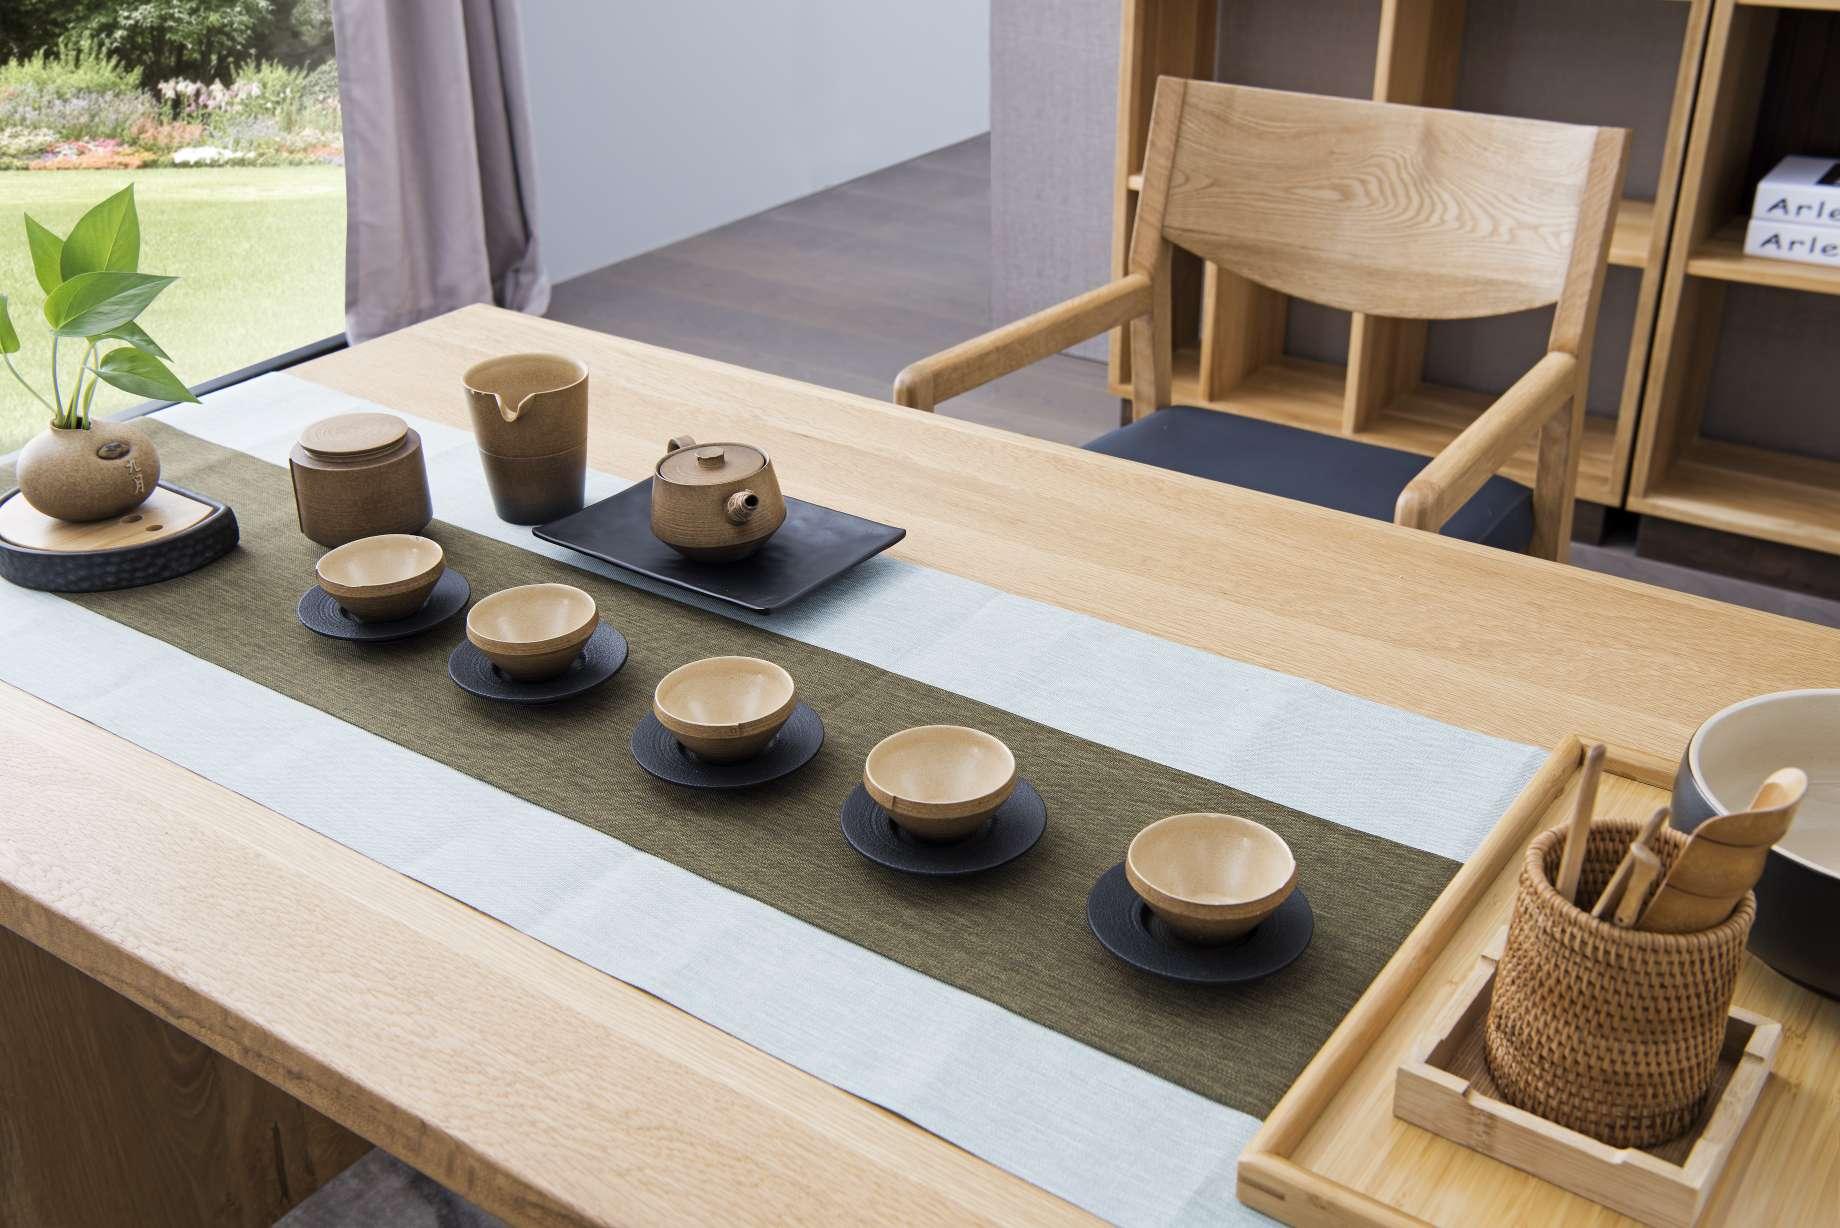 瑞图茶桌两色烟熏色和原木色尺寸1800*750*760